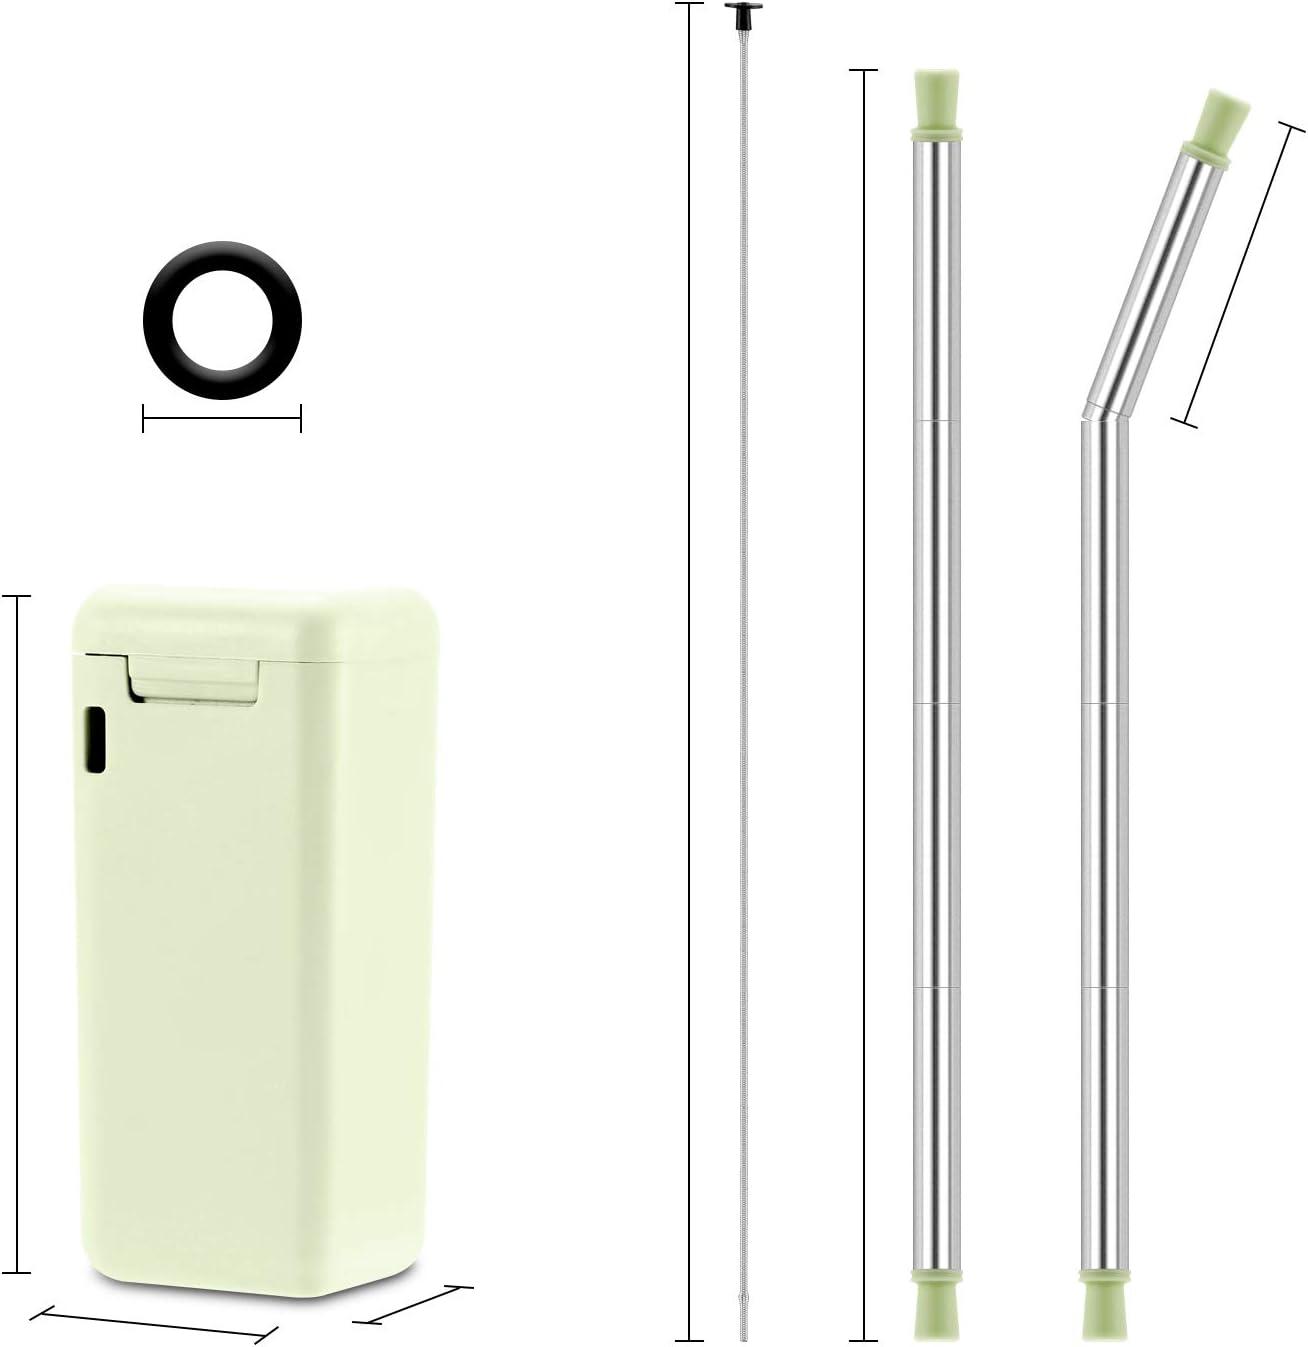 spazzola per la pulizia Blu Cannuccia in acciaio INOX con portachiavi pieghevole riutilizzabile Qisiewell